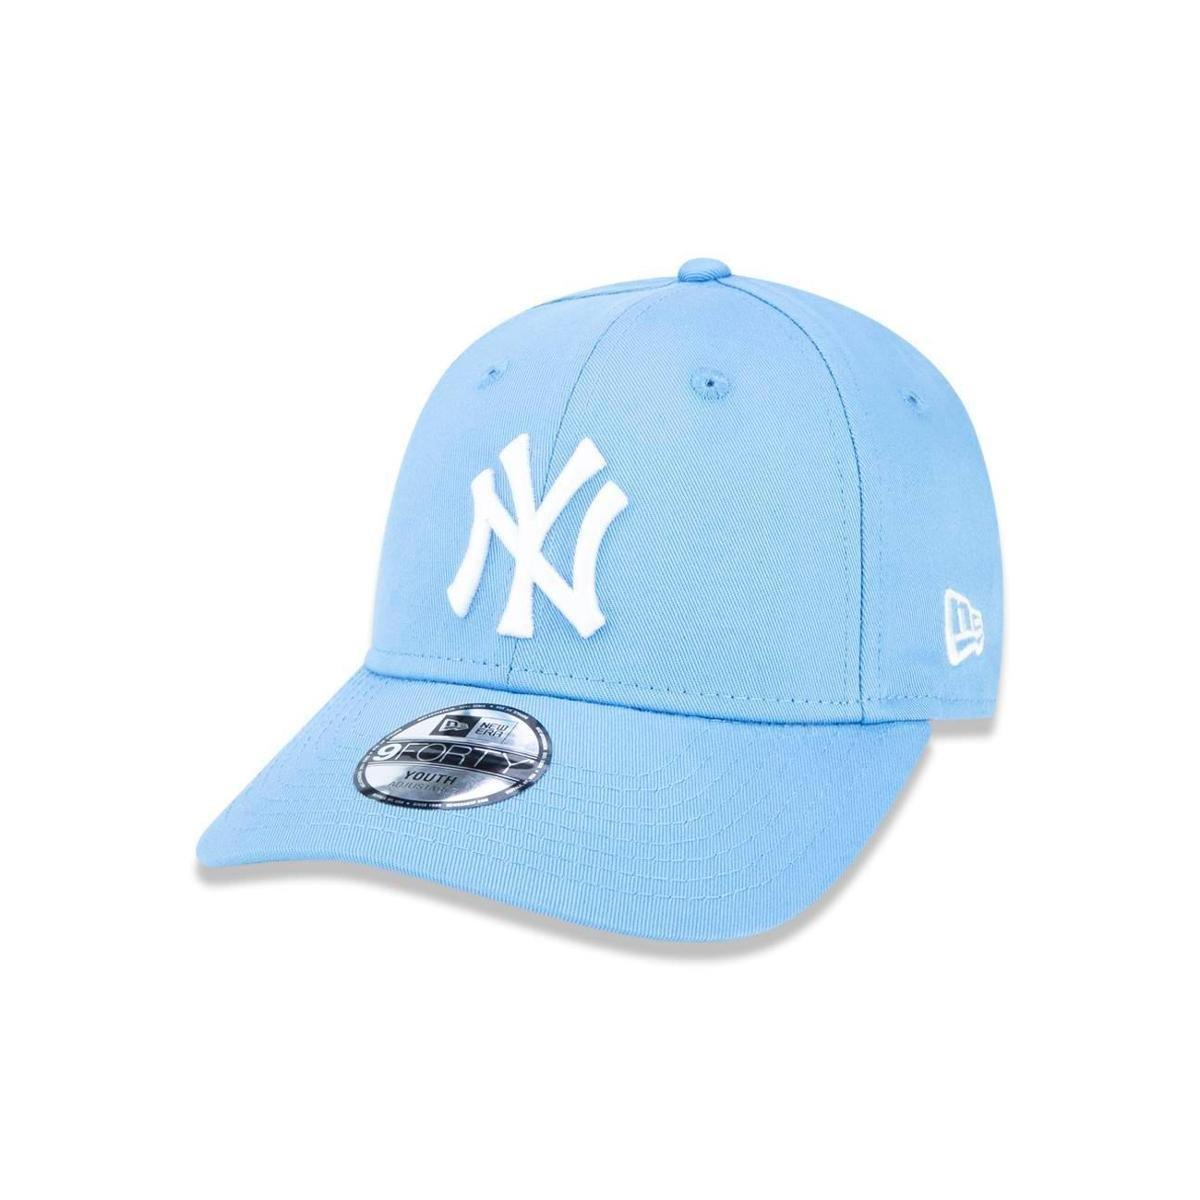 Boné 940 New York Yankees MLB Aba Curva New Era - Azul Claro - Compre Agora   46457e2e134